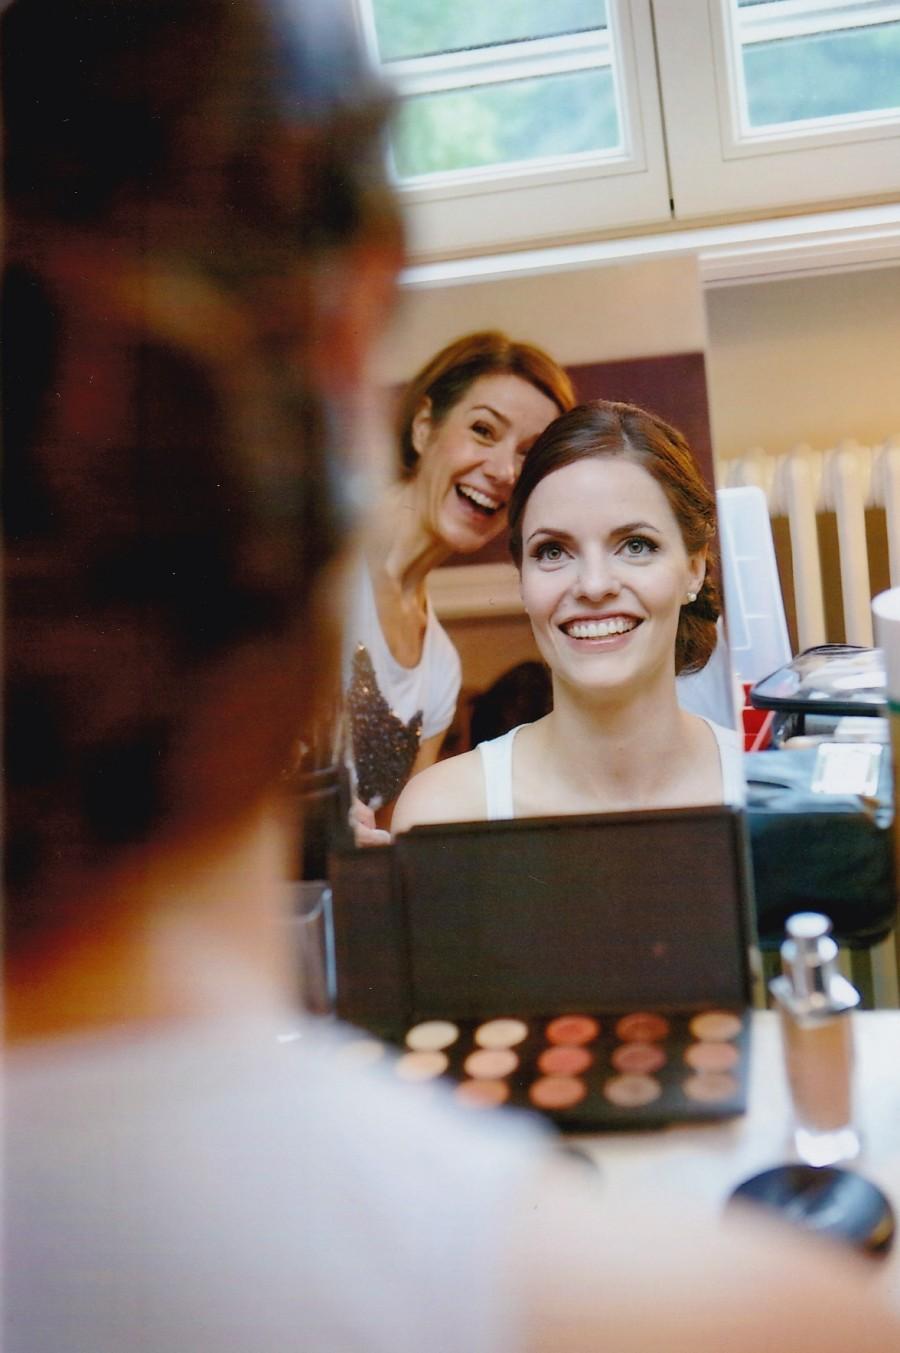 Schminkberatungen und Beautycoachings in der Schminkschule von Profi Make up Artist und Bloggerin Anja Frankenhäuser.